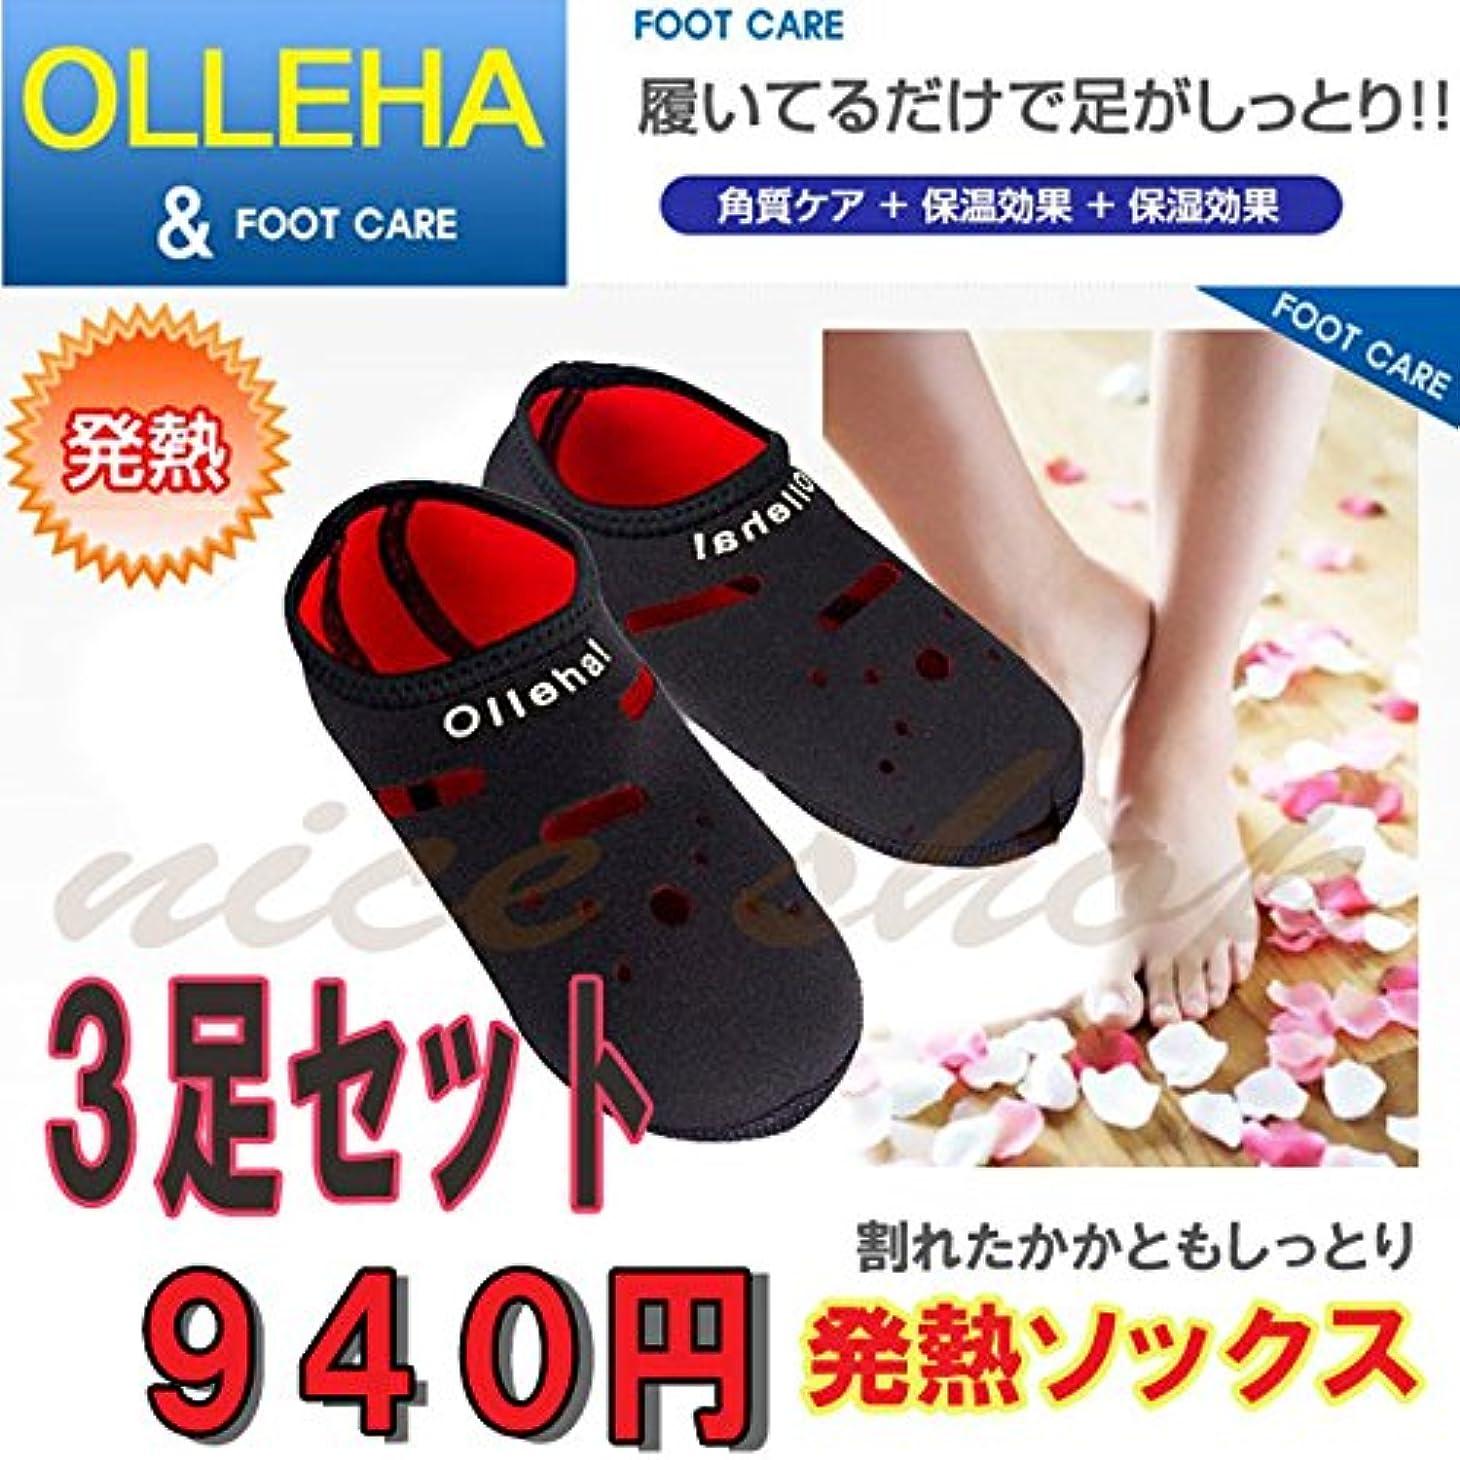 オリエンテーション第抑制発熱靴下(足袋)発熱ソックス、フットケアー Olleha! (L(24.5~26.0))